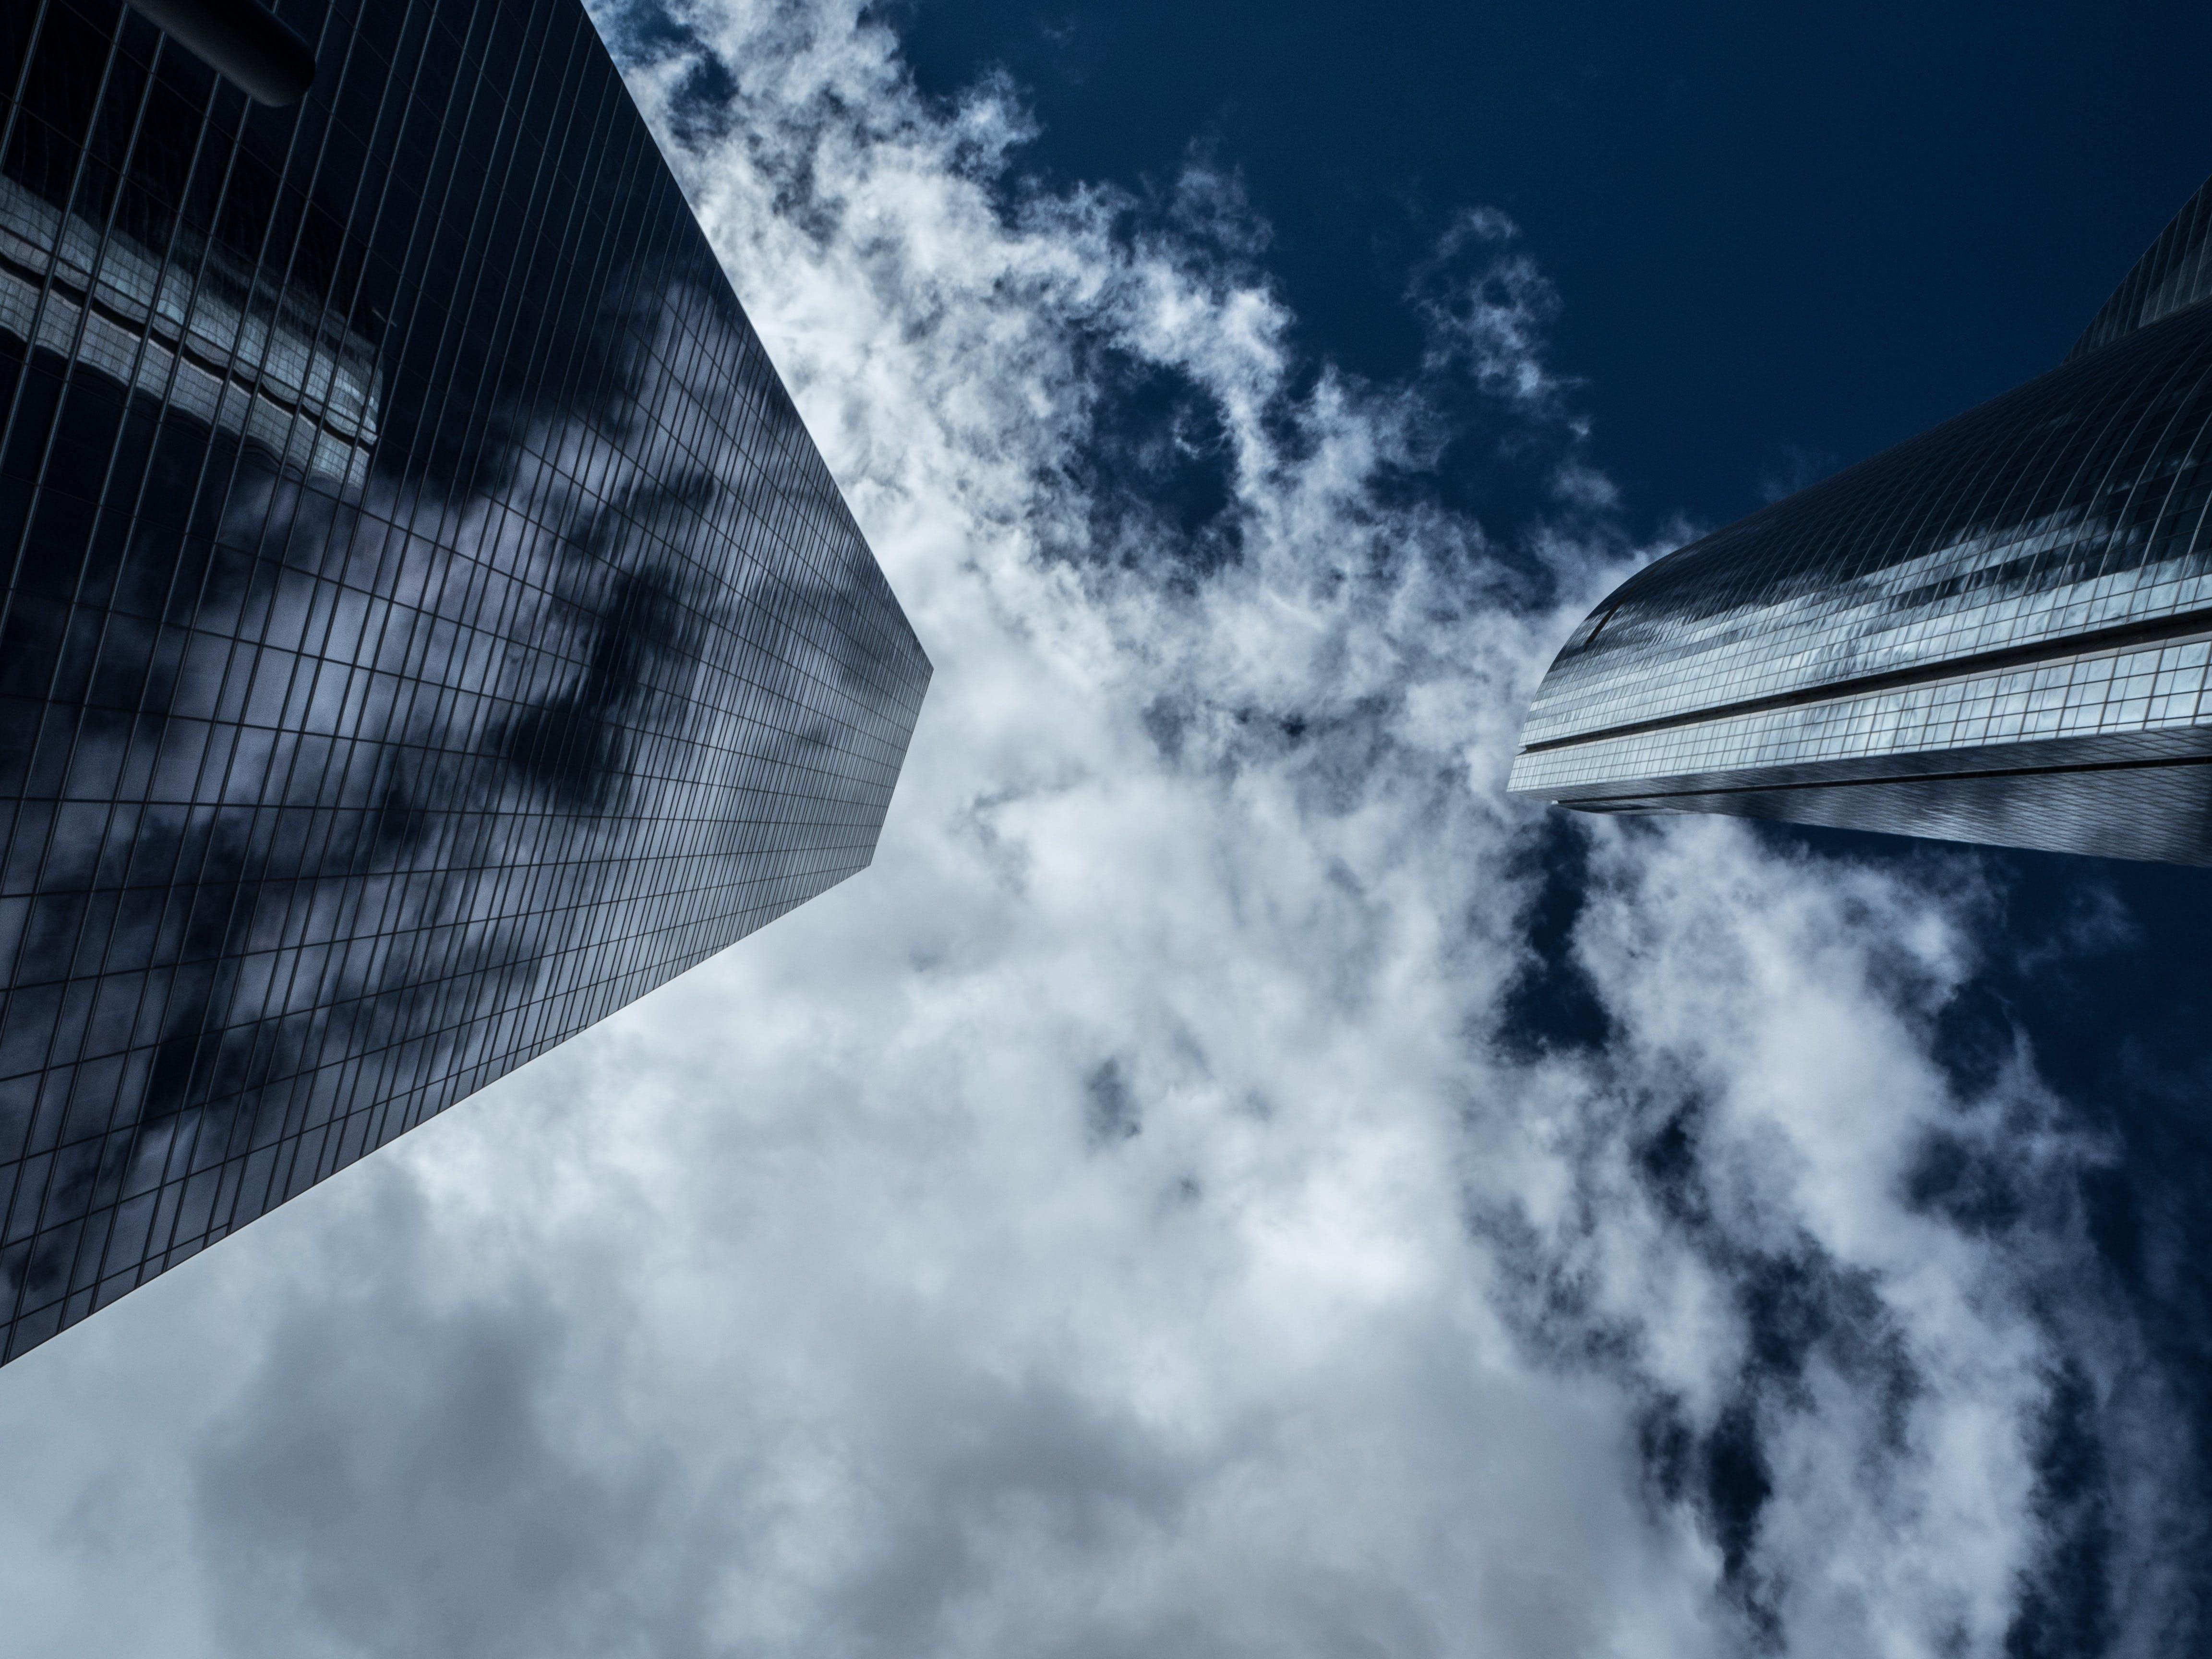 Kostnadsfri bild av arkitektur, byggnad, företag, glas